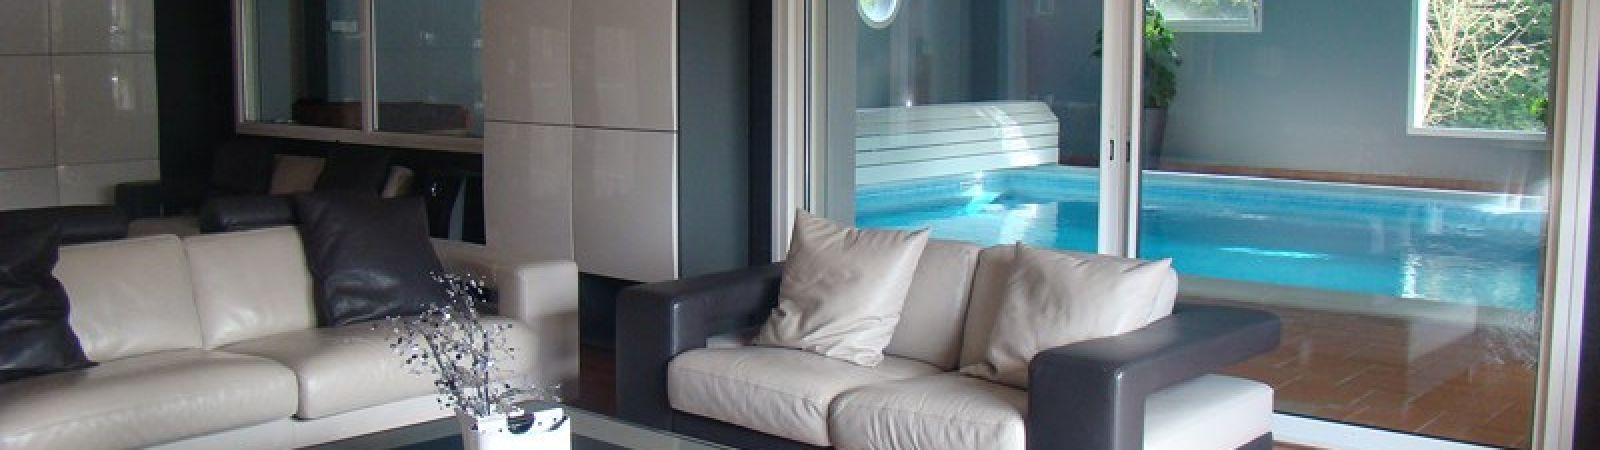 photo 4: Superbe maison contemporaine avec piscine intérieure